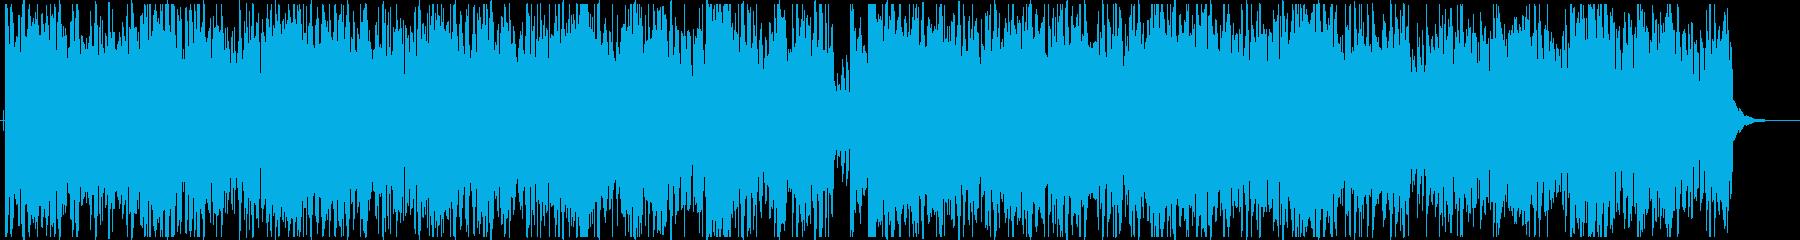 切ないR&B調バラードの再生済みの波形